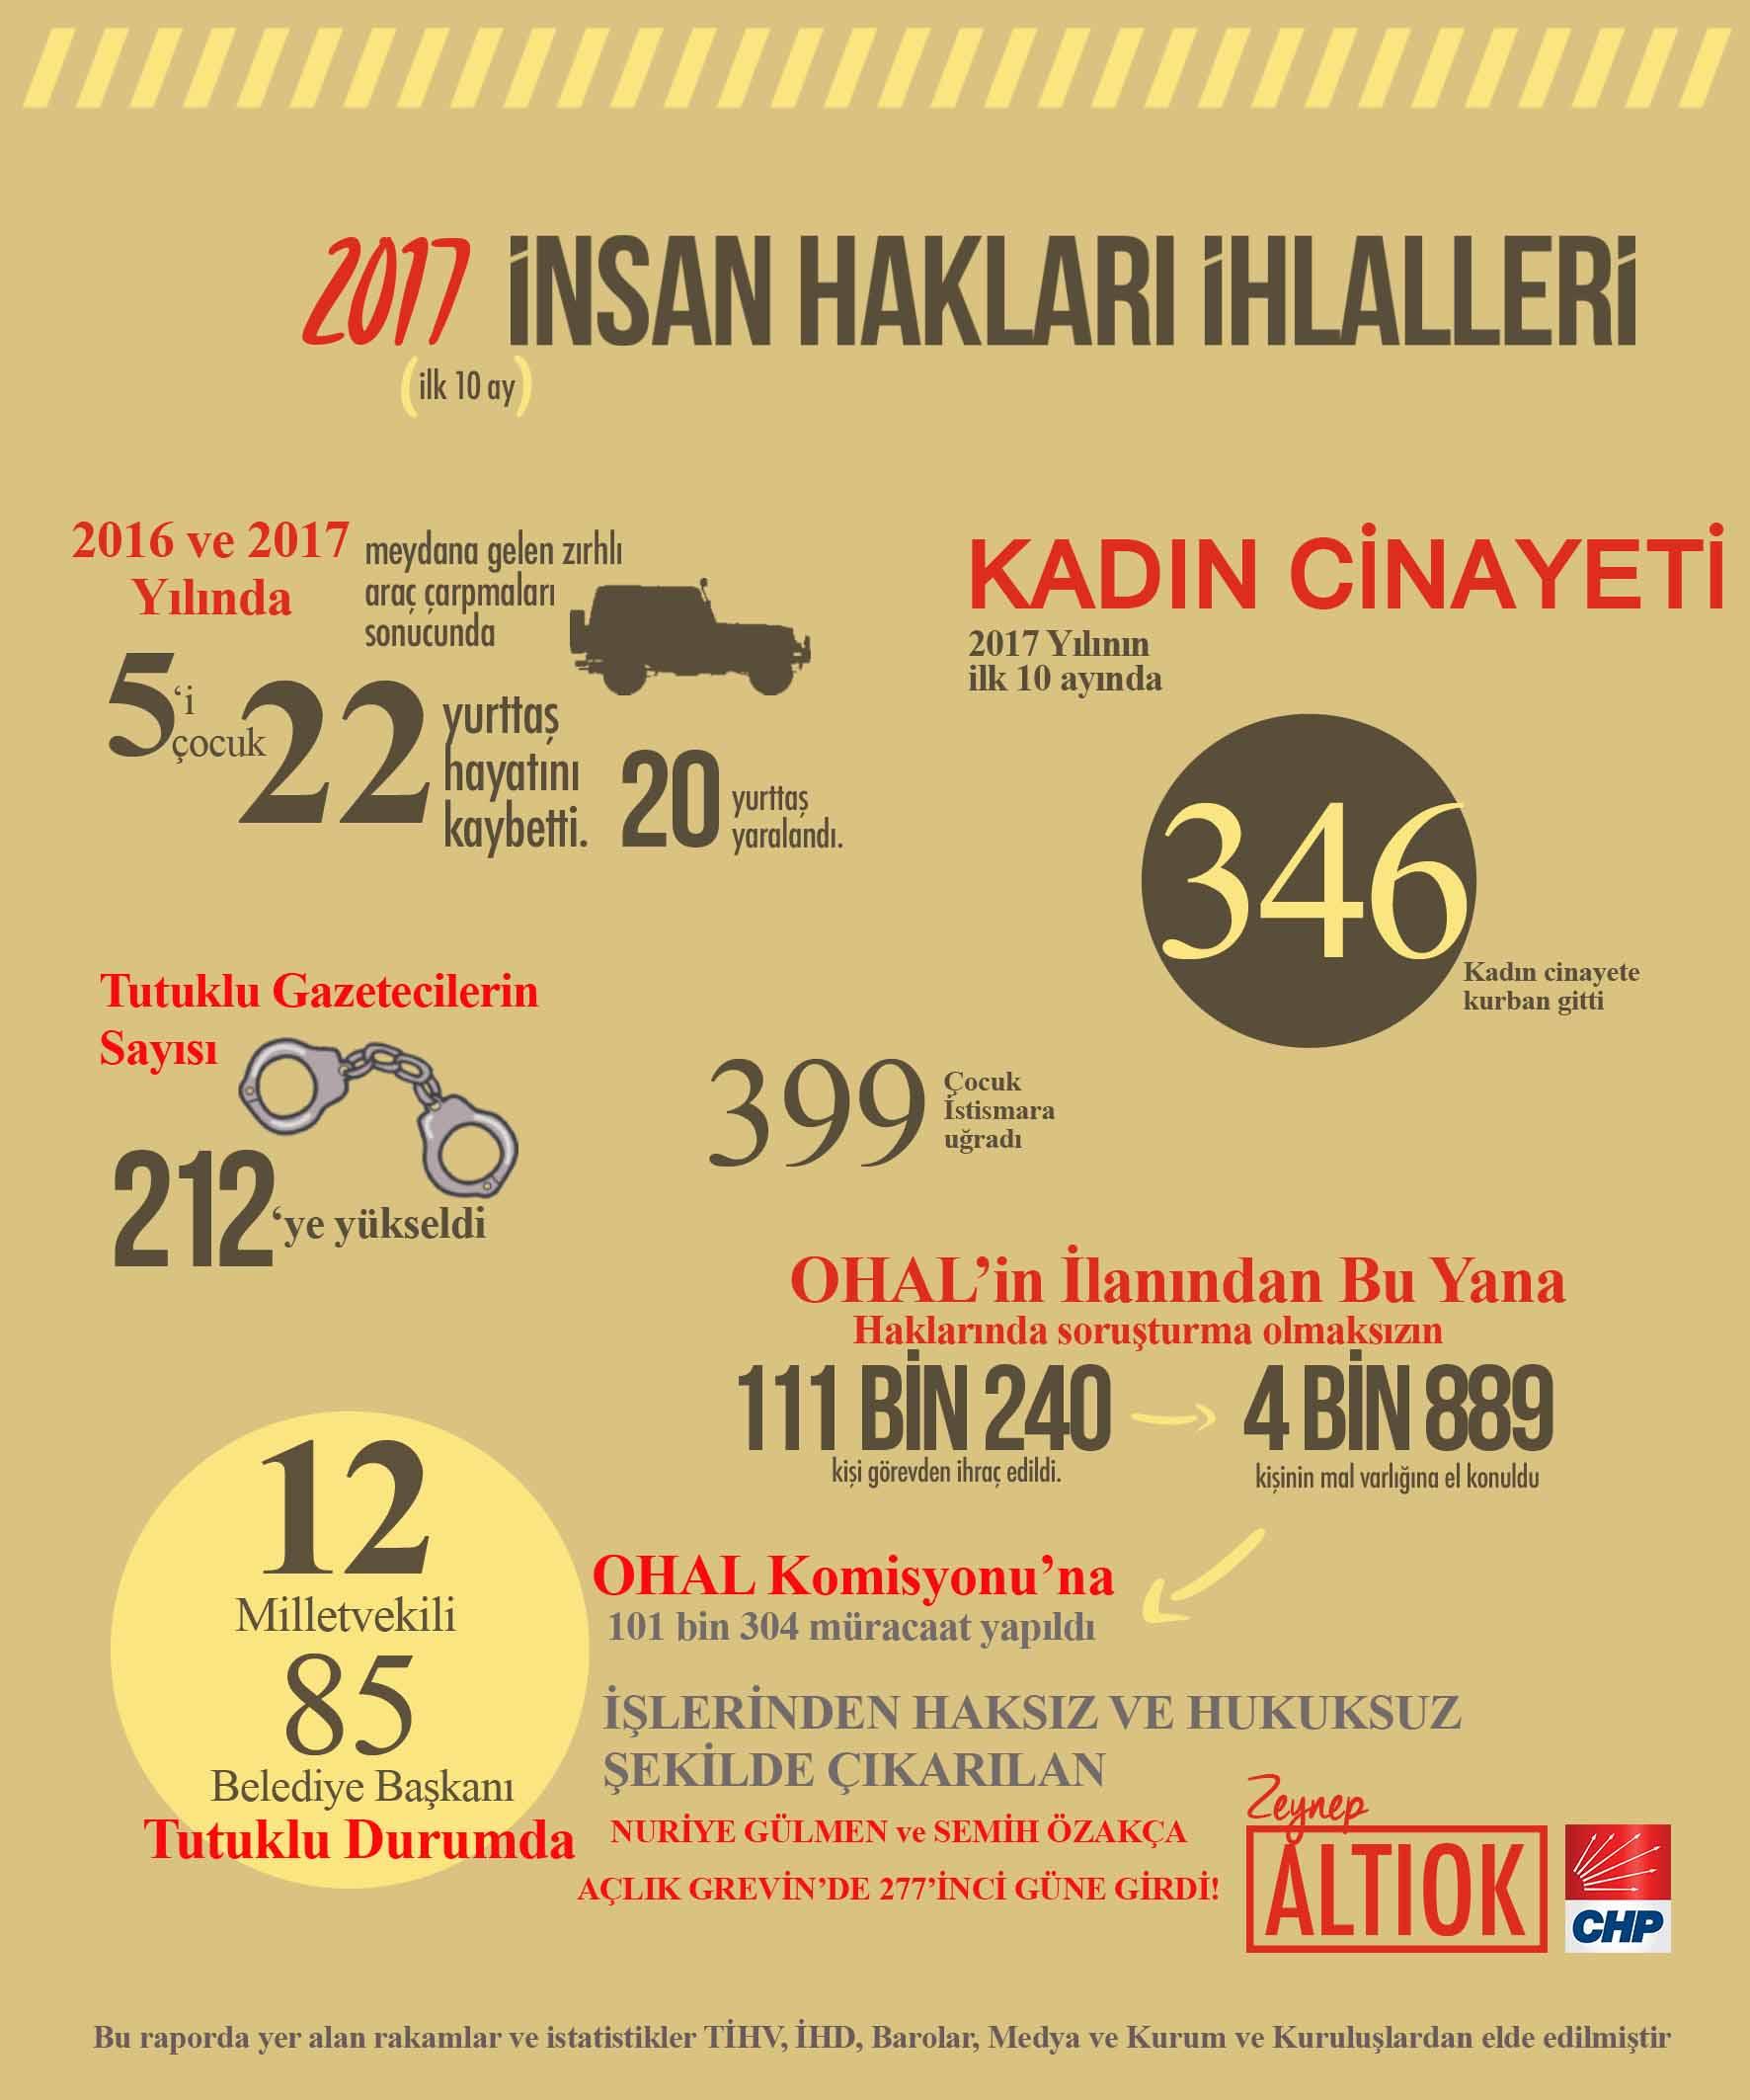 2017 yılı insan hakları ihlalleri